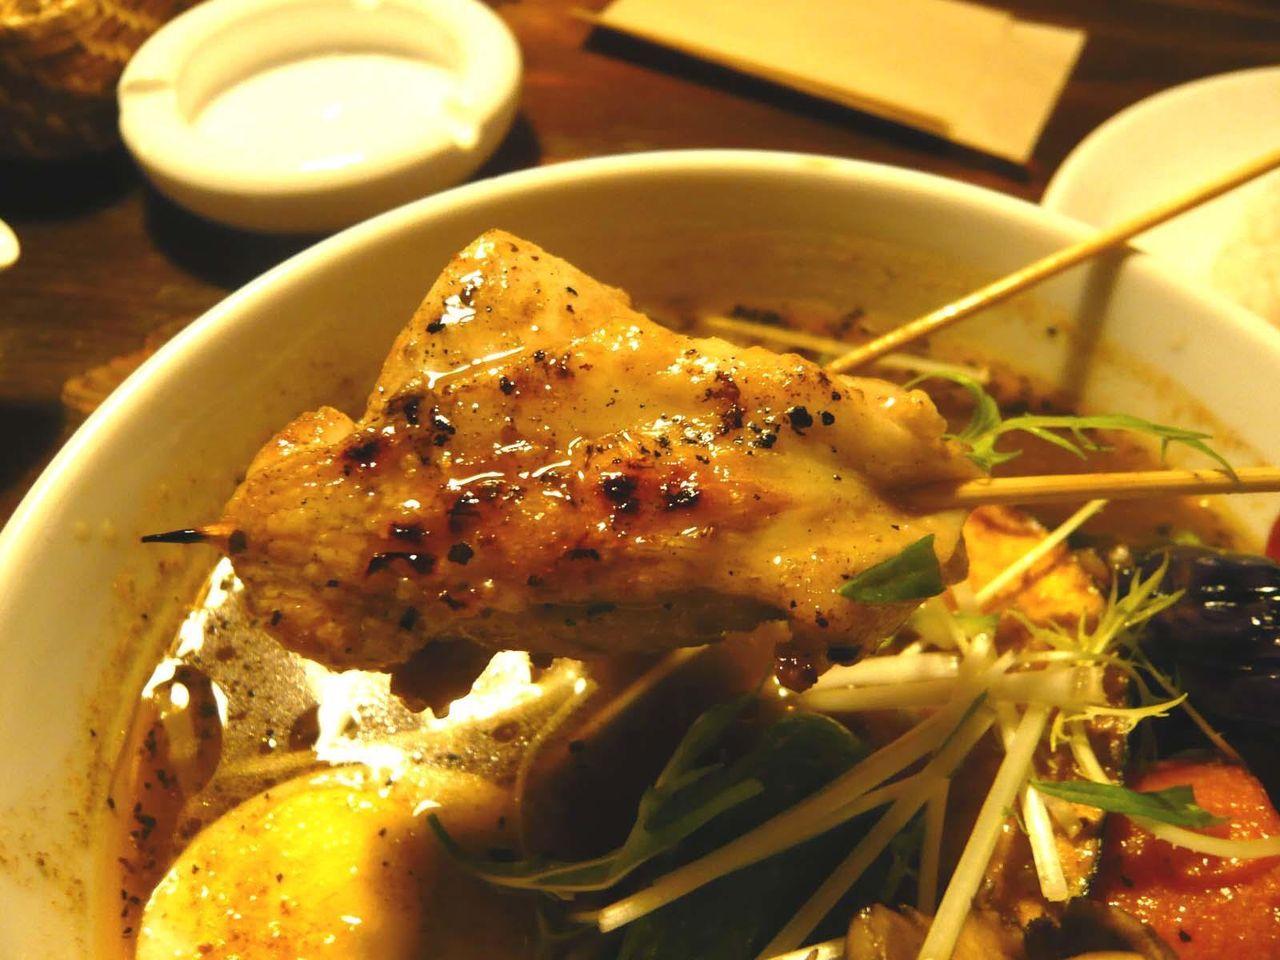 知床鶏は筋肉質で、鶏肉の旨味を感じます!